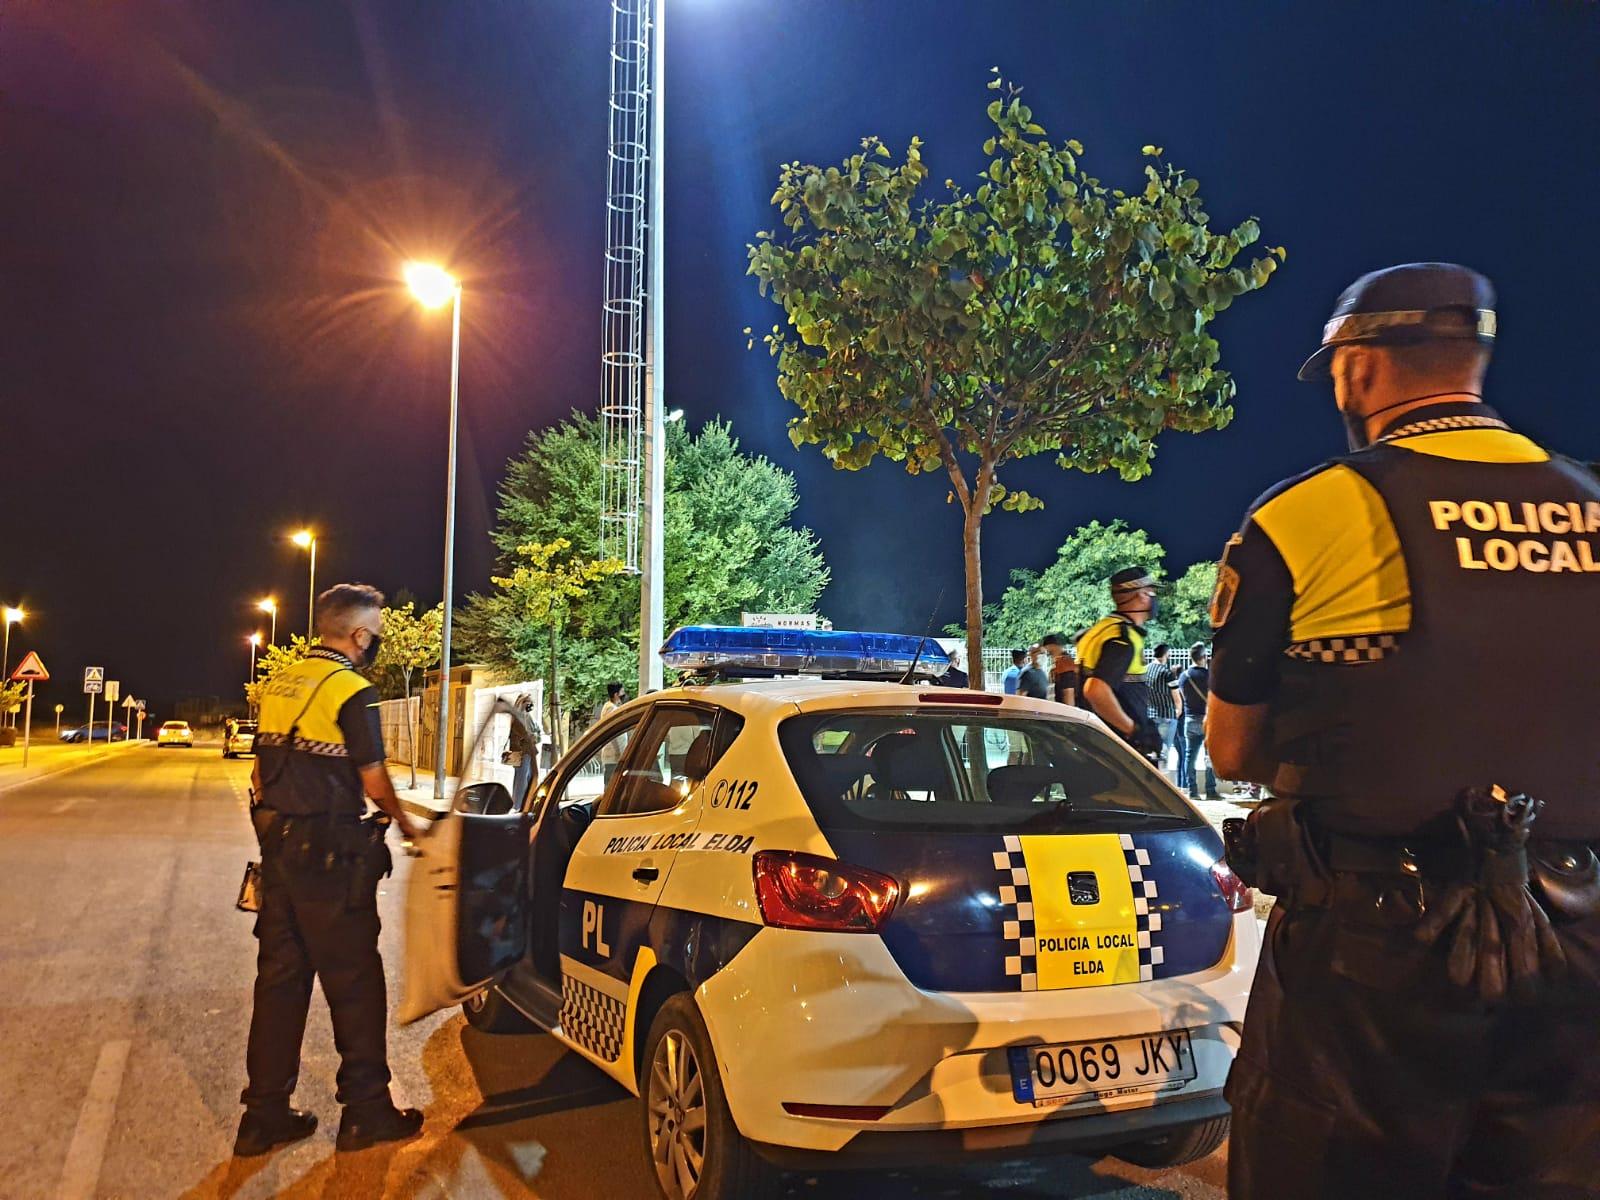 La Policía Local de Elda pone en marcha una campaña de control del ruido que emiten motocicletas y ciclomotores